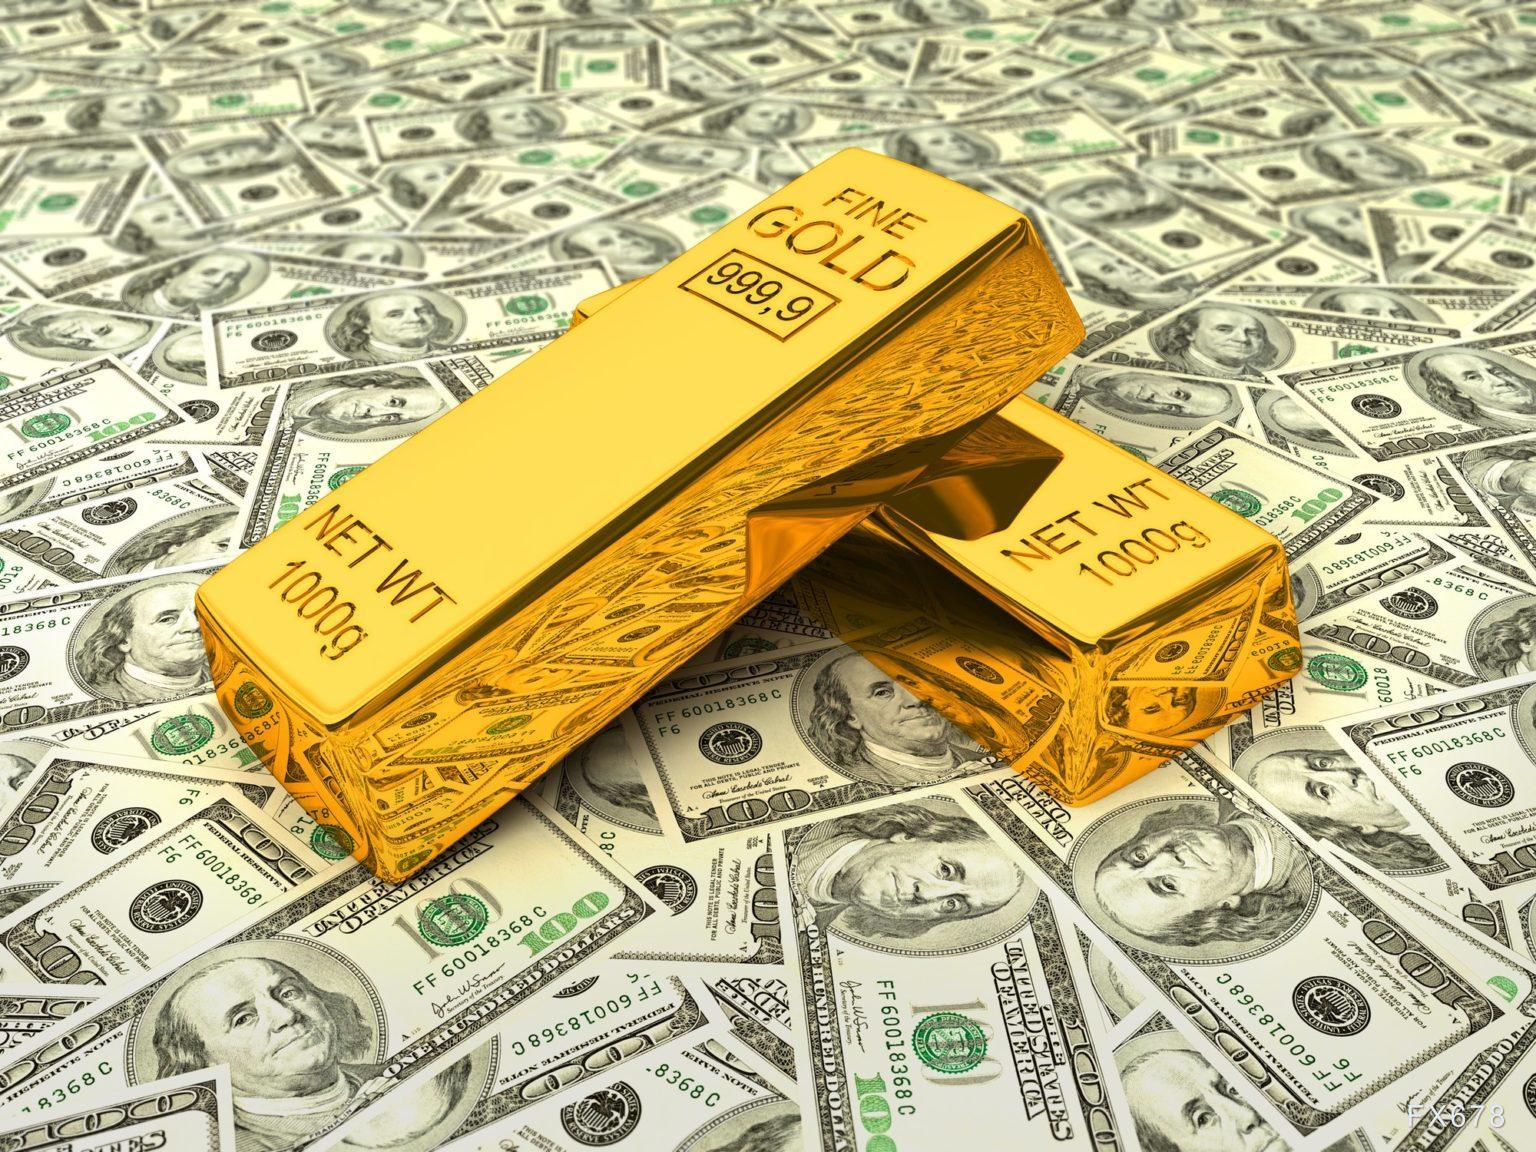 黄金交易提醒:美联储维持超宽松政策 金价有望延续涨势|外汇保证金交易公司